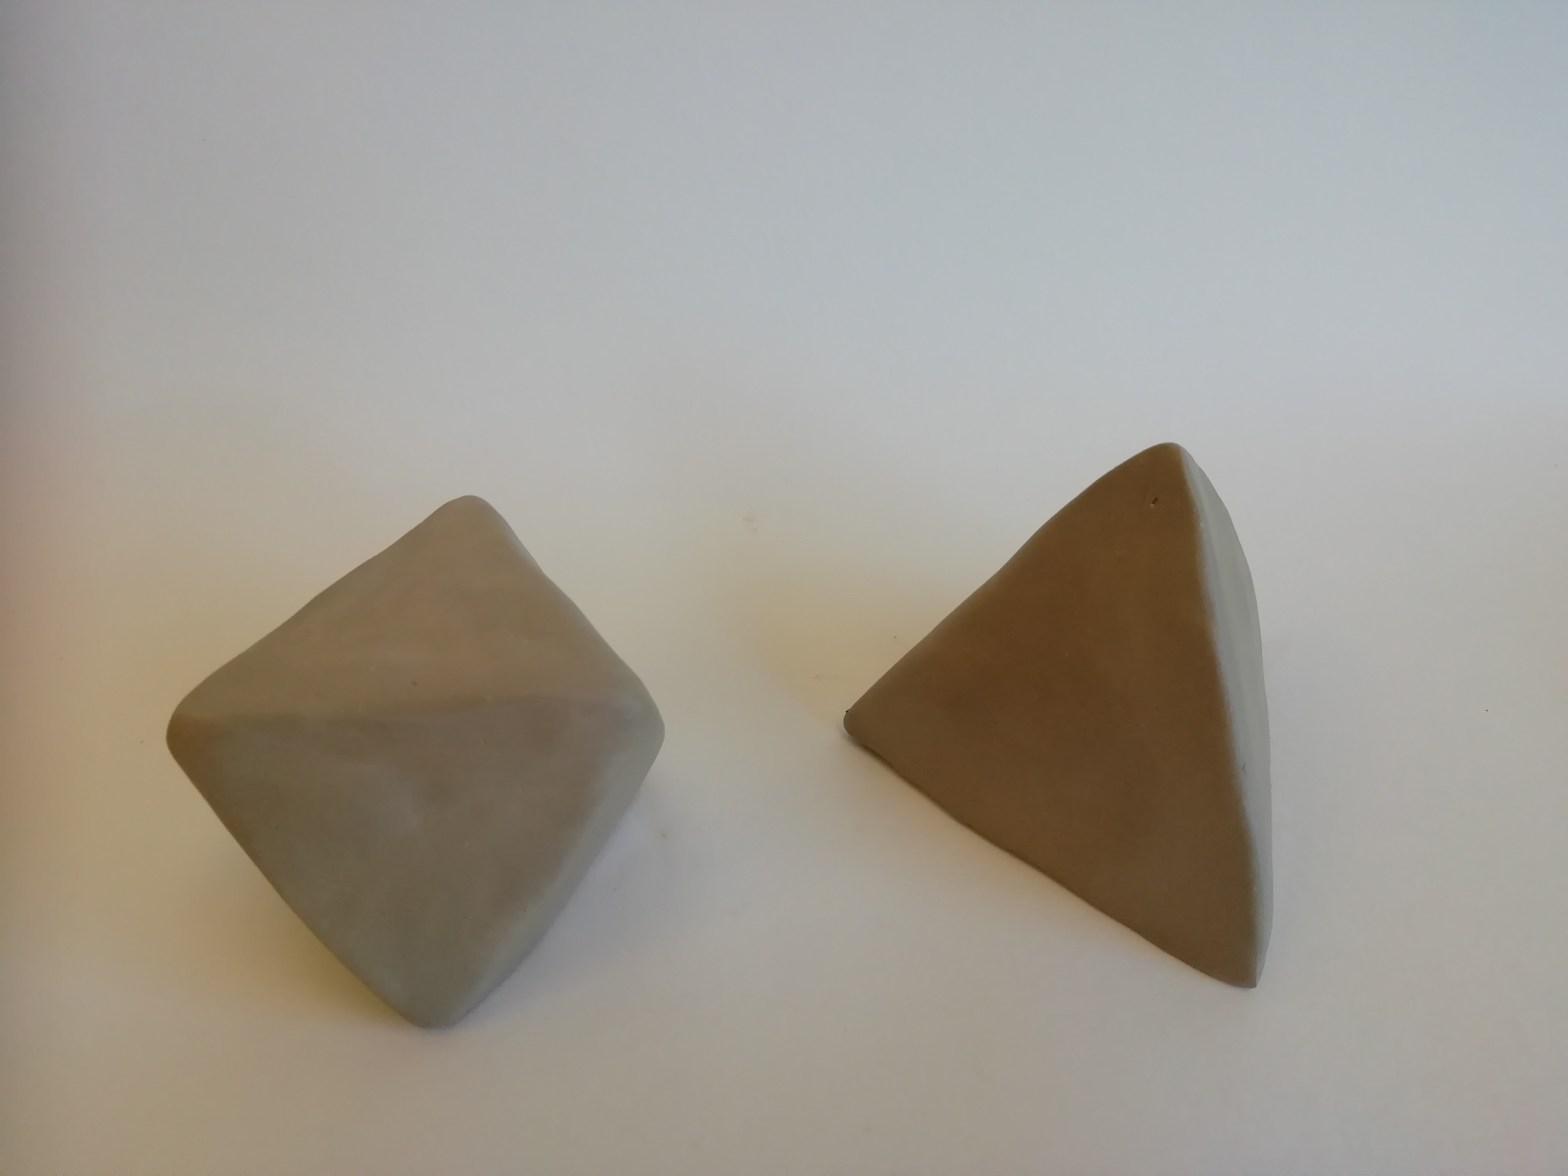 Kunstzinnige oefening tbv concentratie: een octaëder boetseren